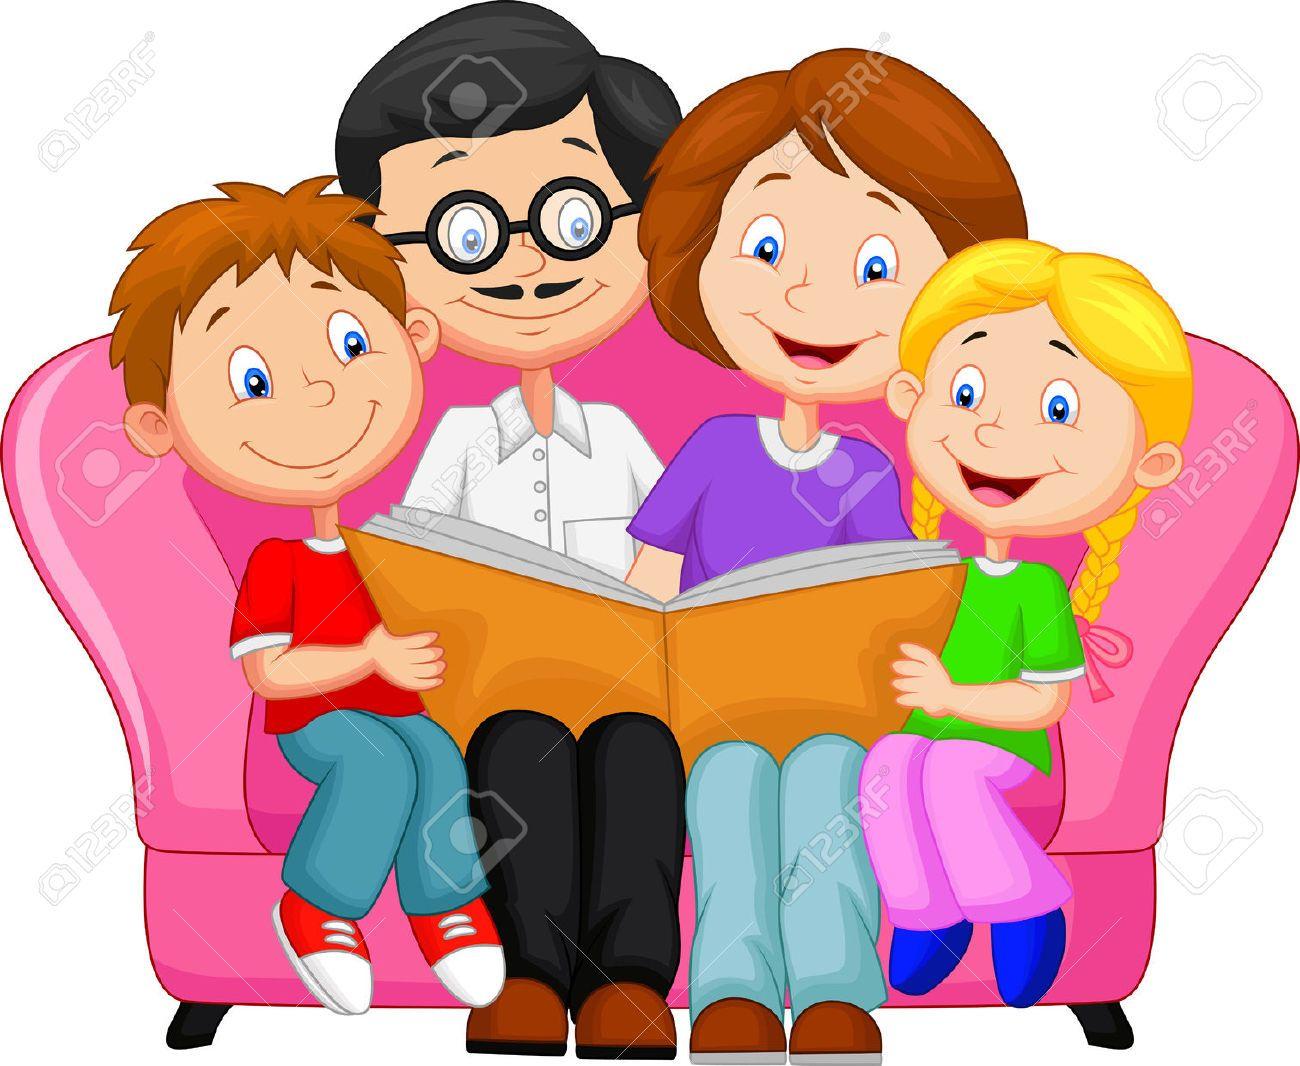 Familia Feliz Caricatura Imágenes De Archivo, Vectores, Familia ...